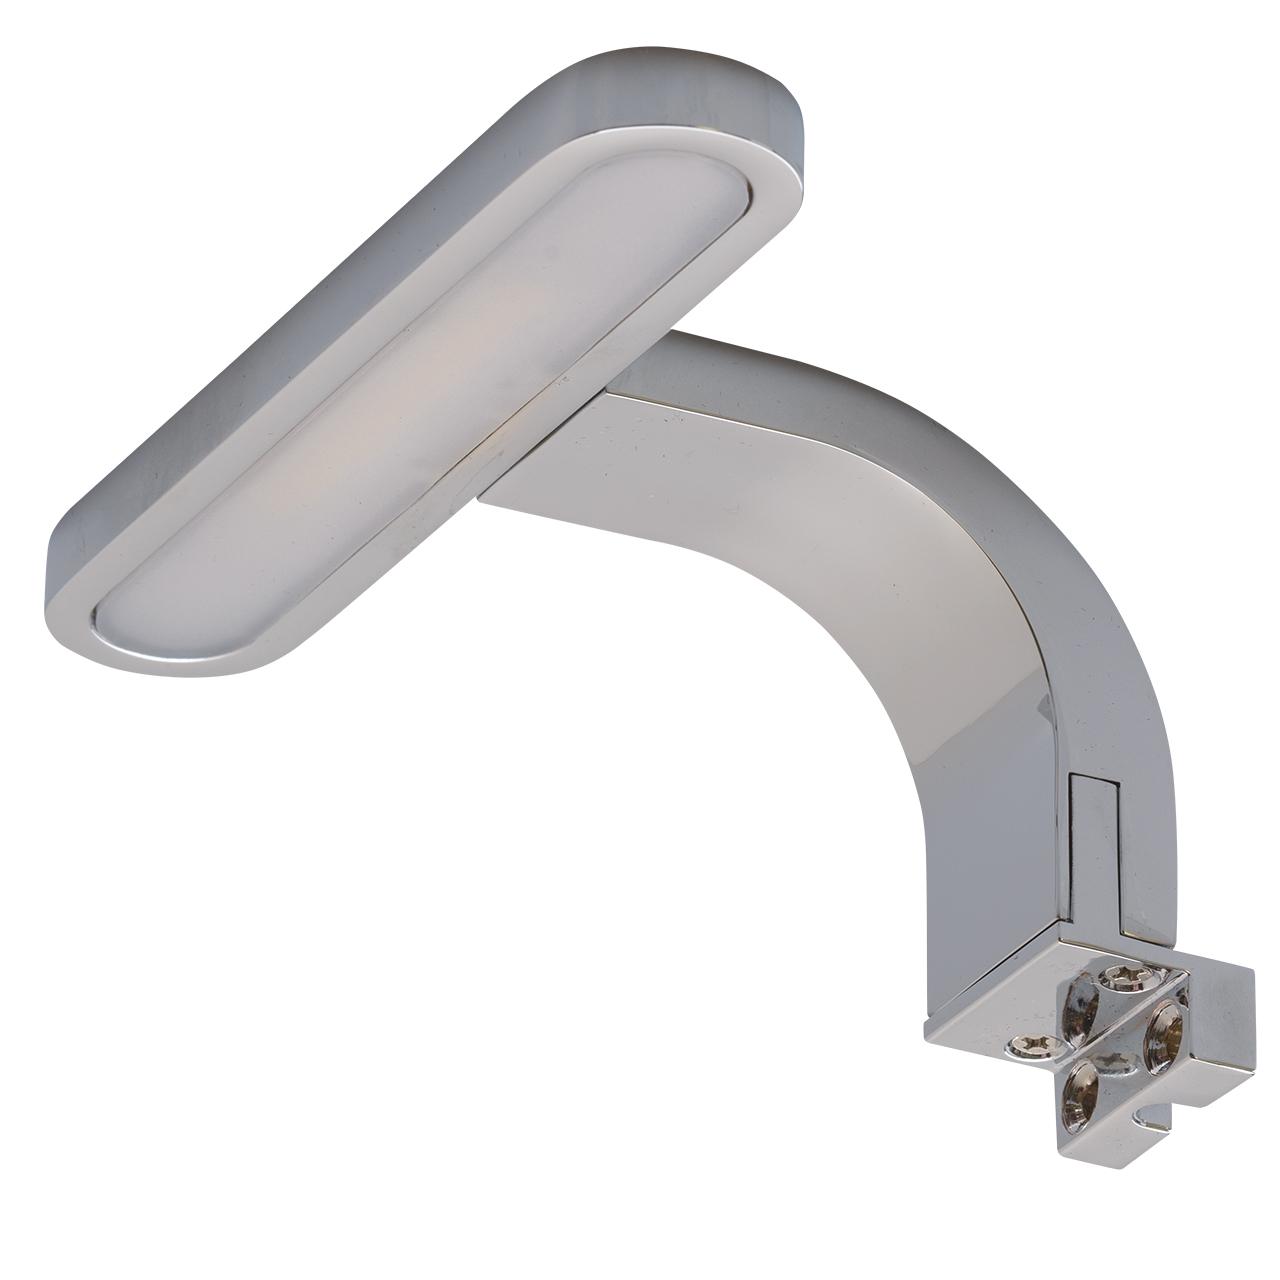 Спот De markt 509023901 1/5w led ip44